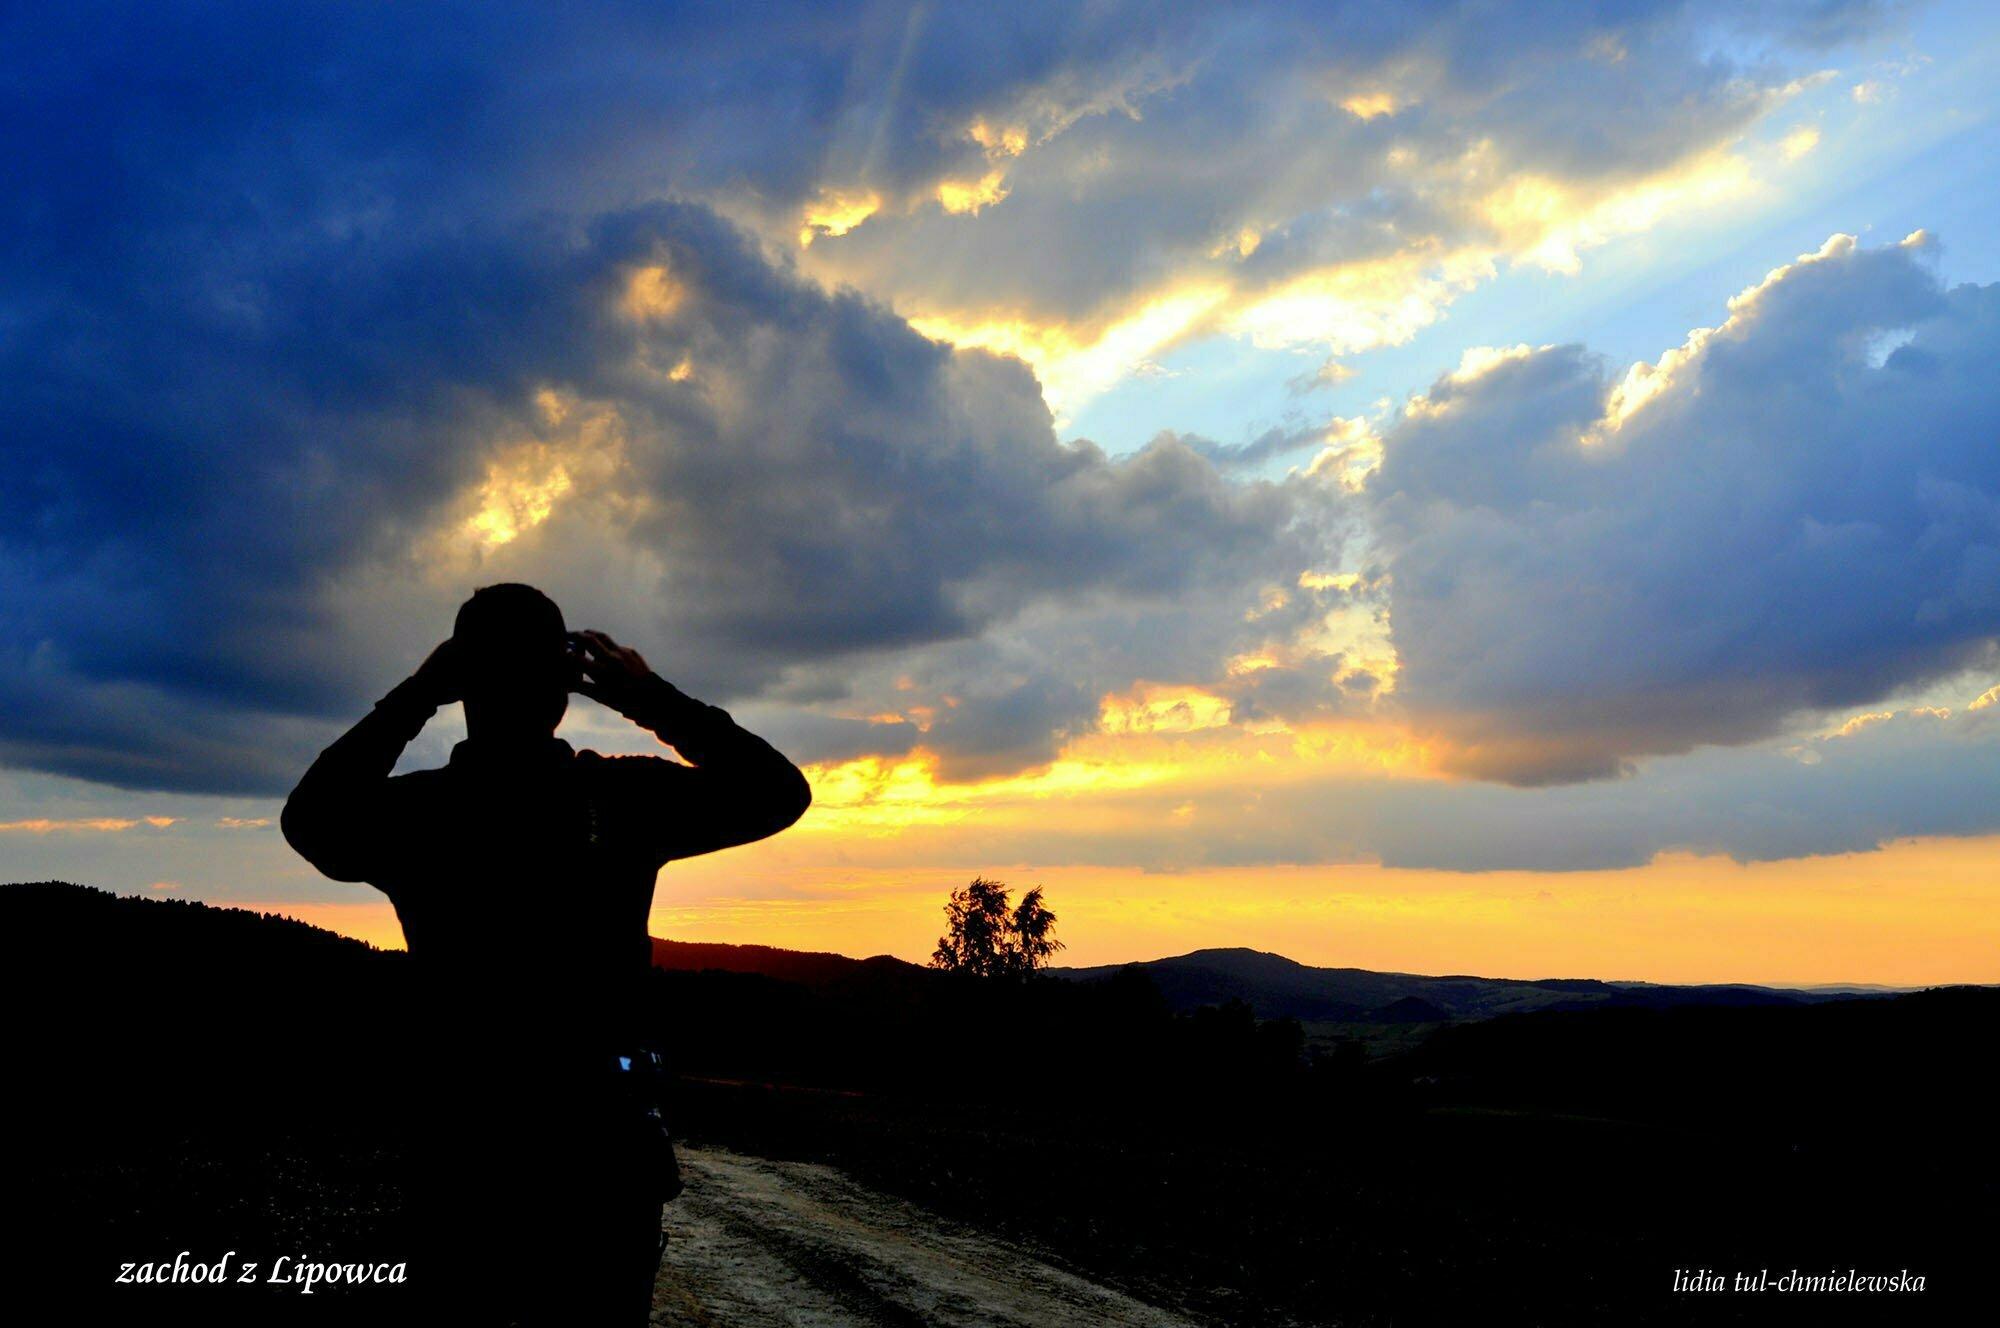 Zachód słońca z Lipowca / fot. Lidia Tul-Chmielewska